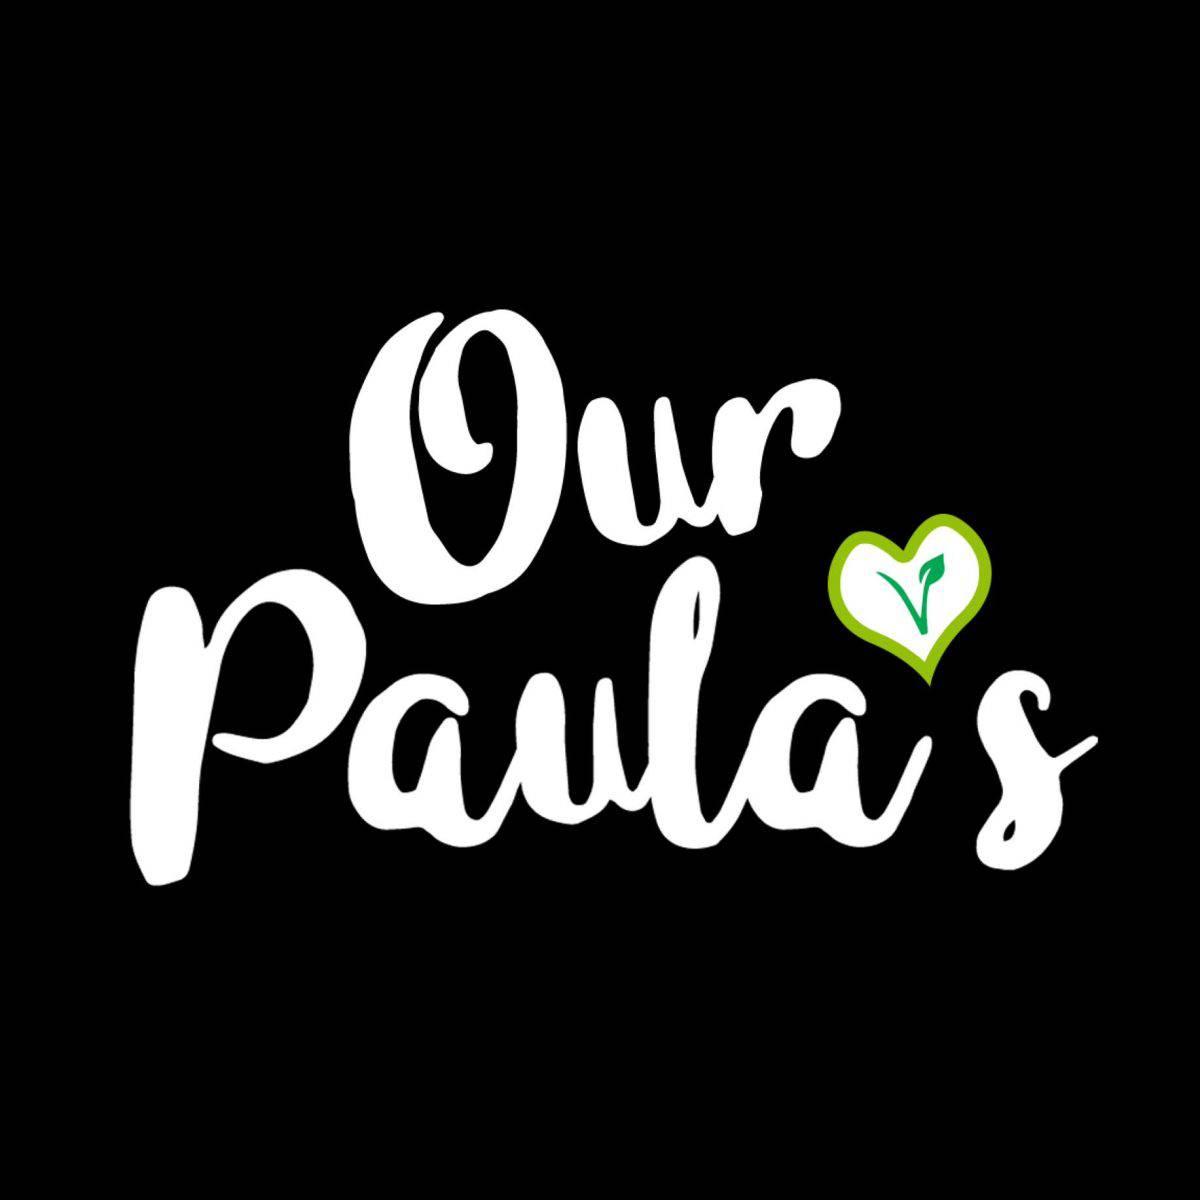 Our Paula's